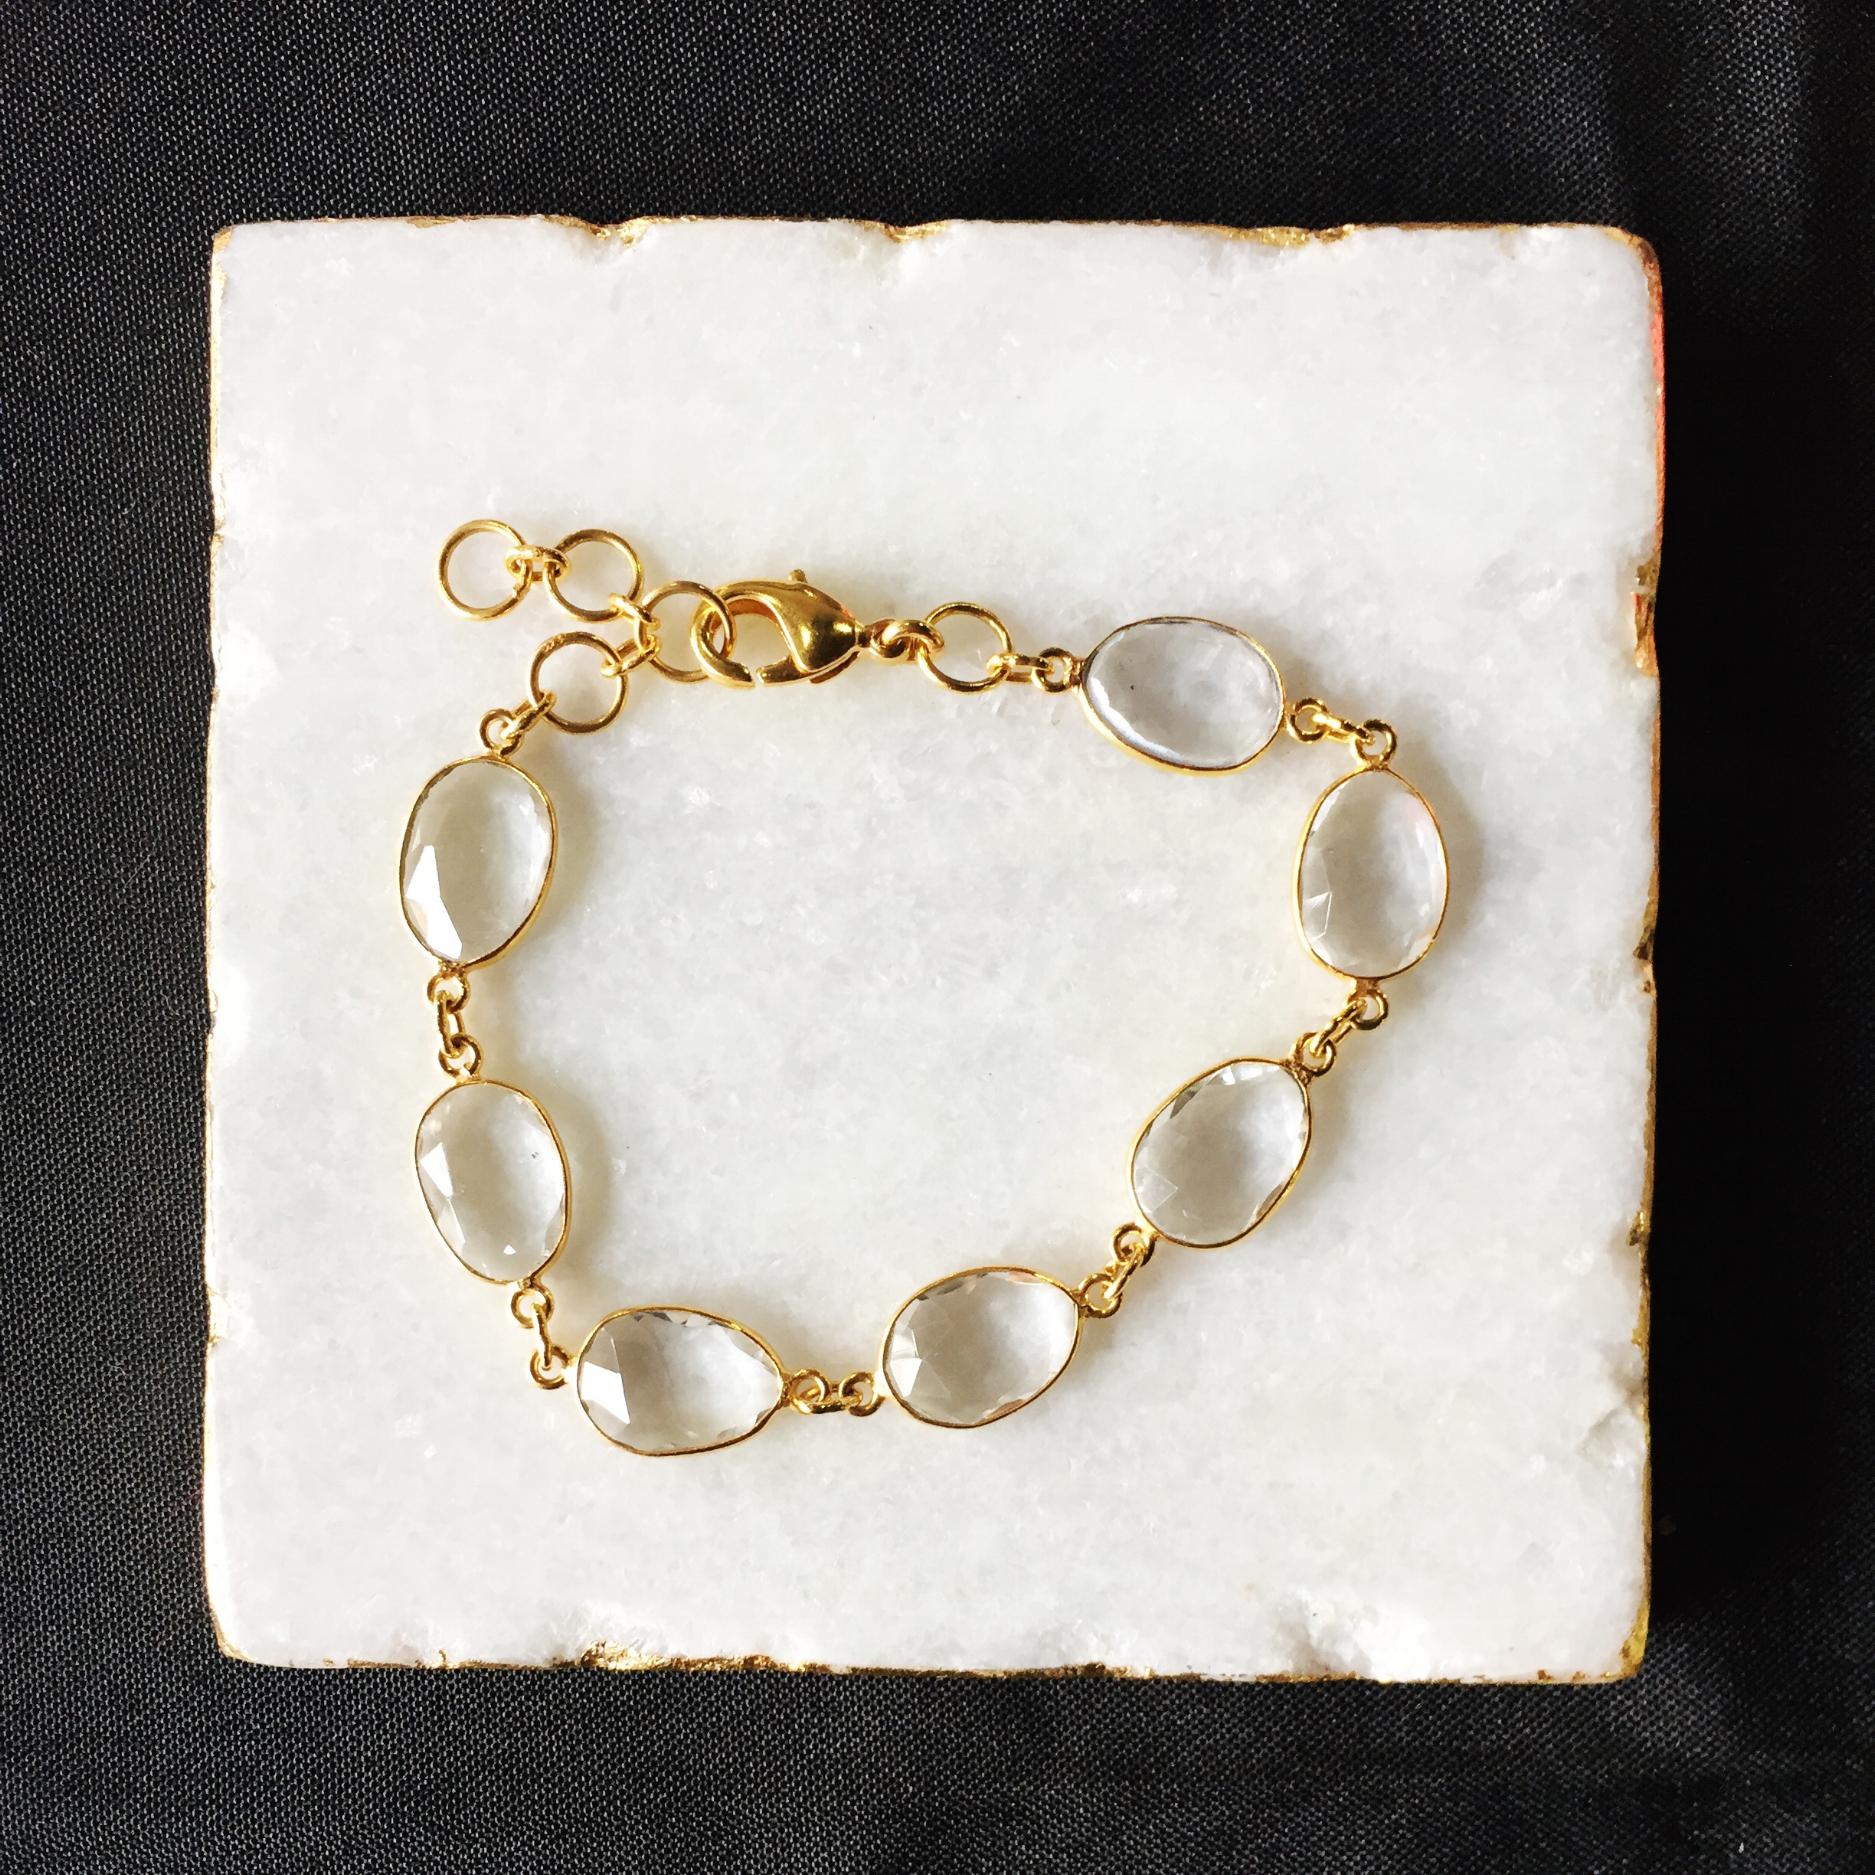 Khusboo Bracelet $50.00